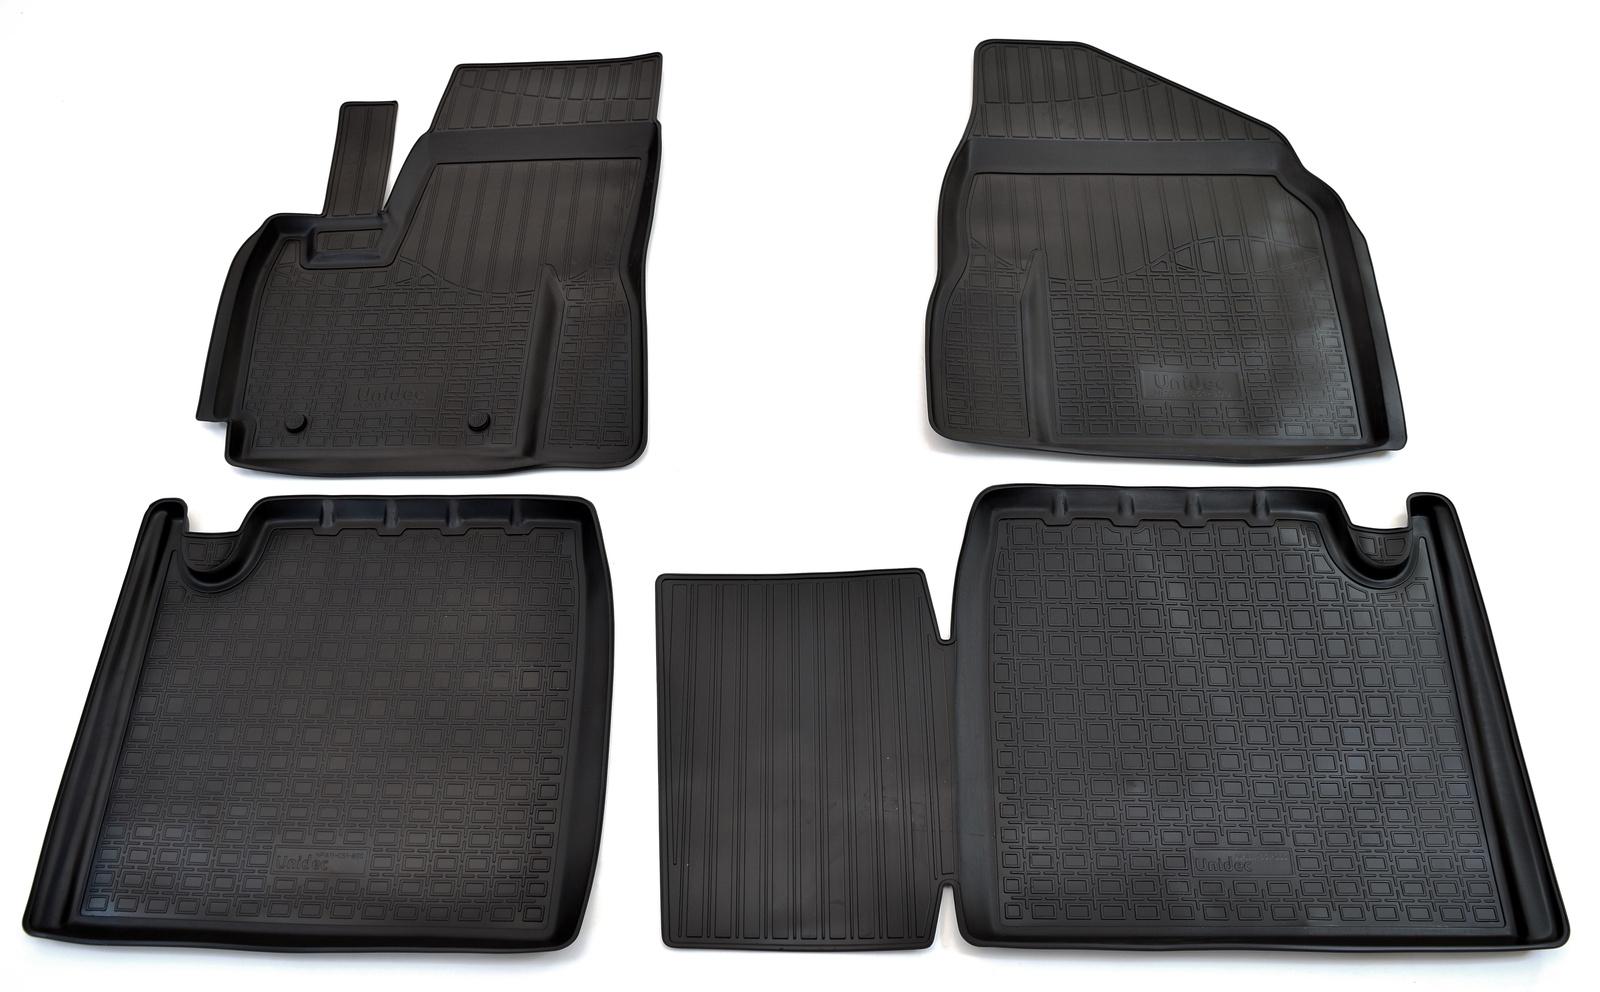 Коврики в салон автомобиля Norplast для Lifan X60 (2011), NPA11-C51-800, черный цены